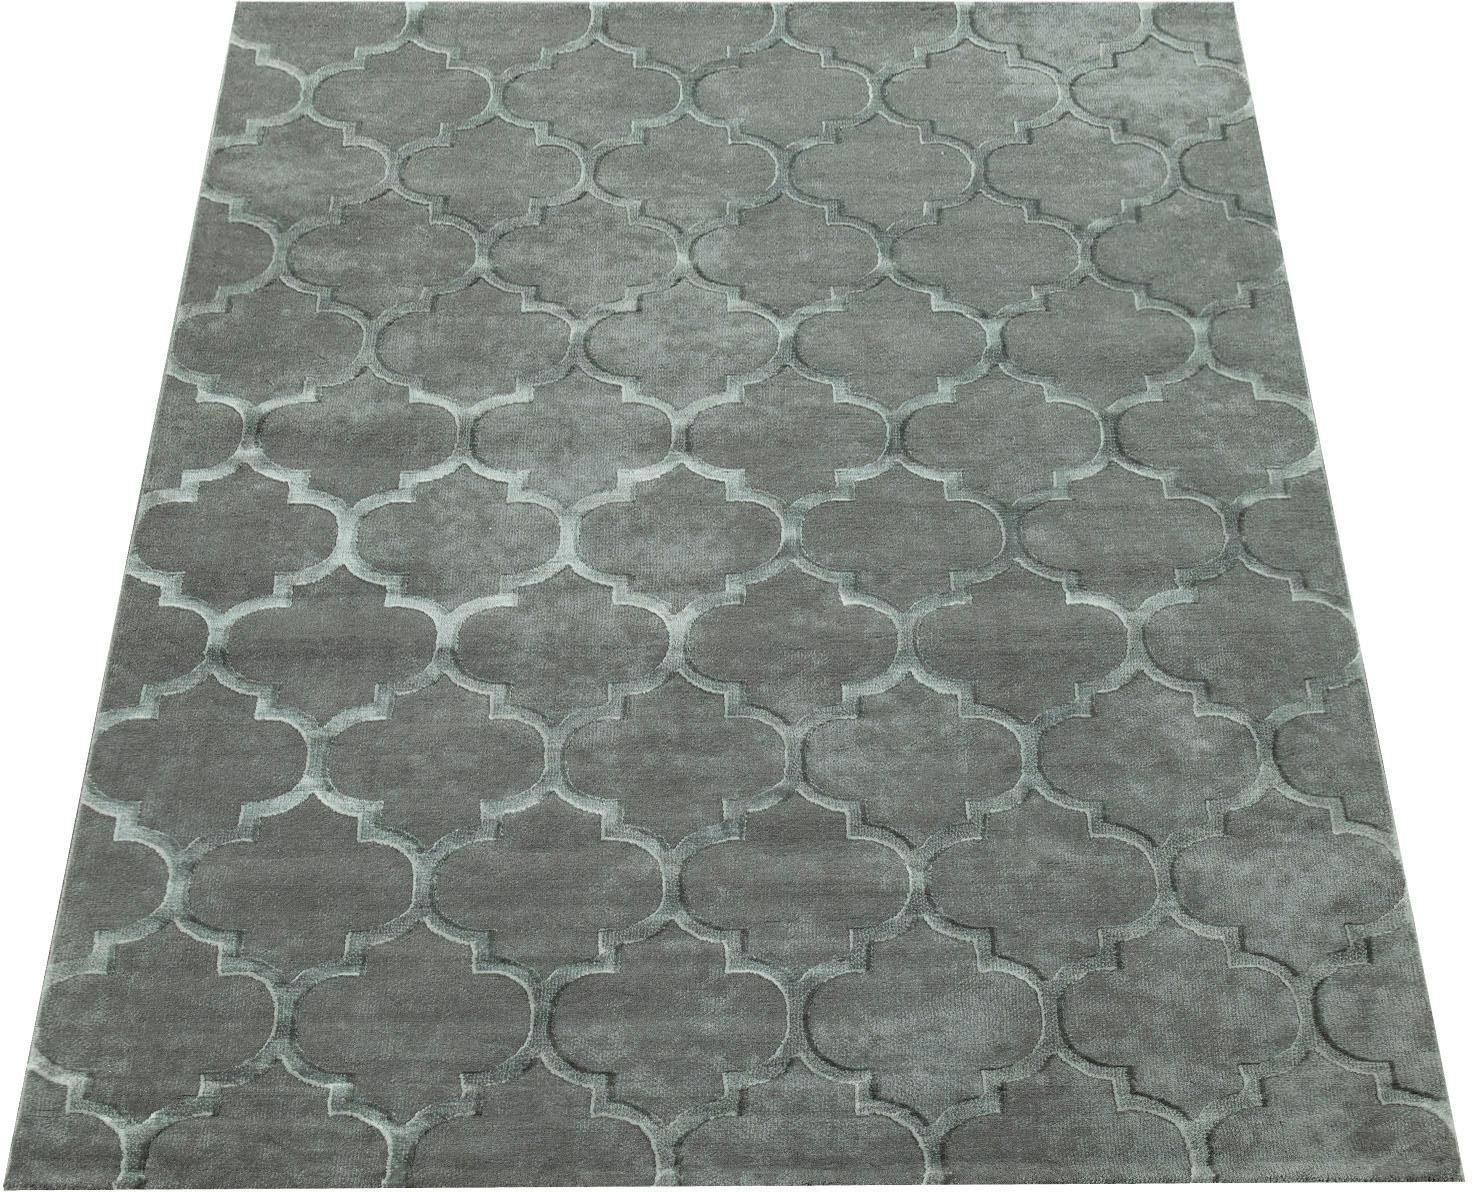 Teppich Theresa 391 Paco Home rechteckig Höhe 16 mm maschinell gewebt